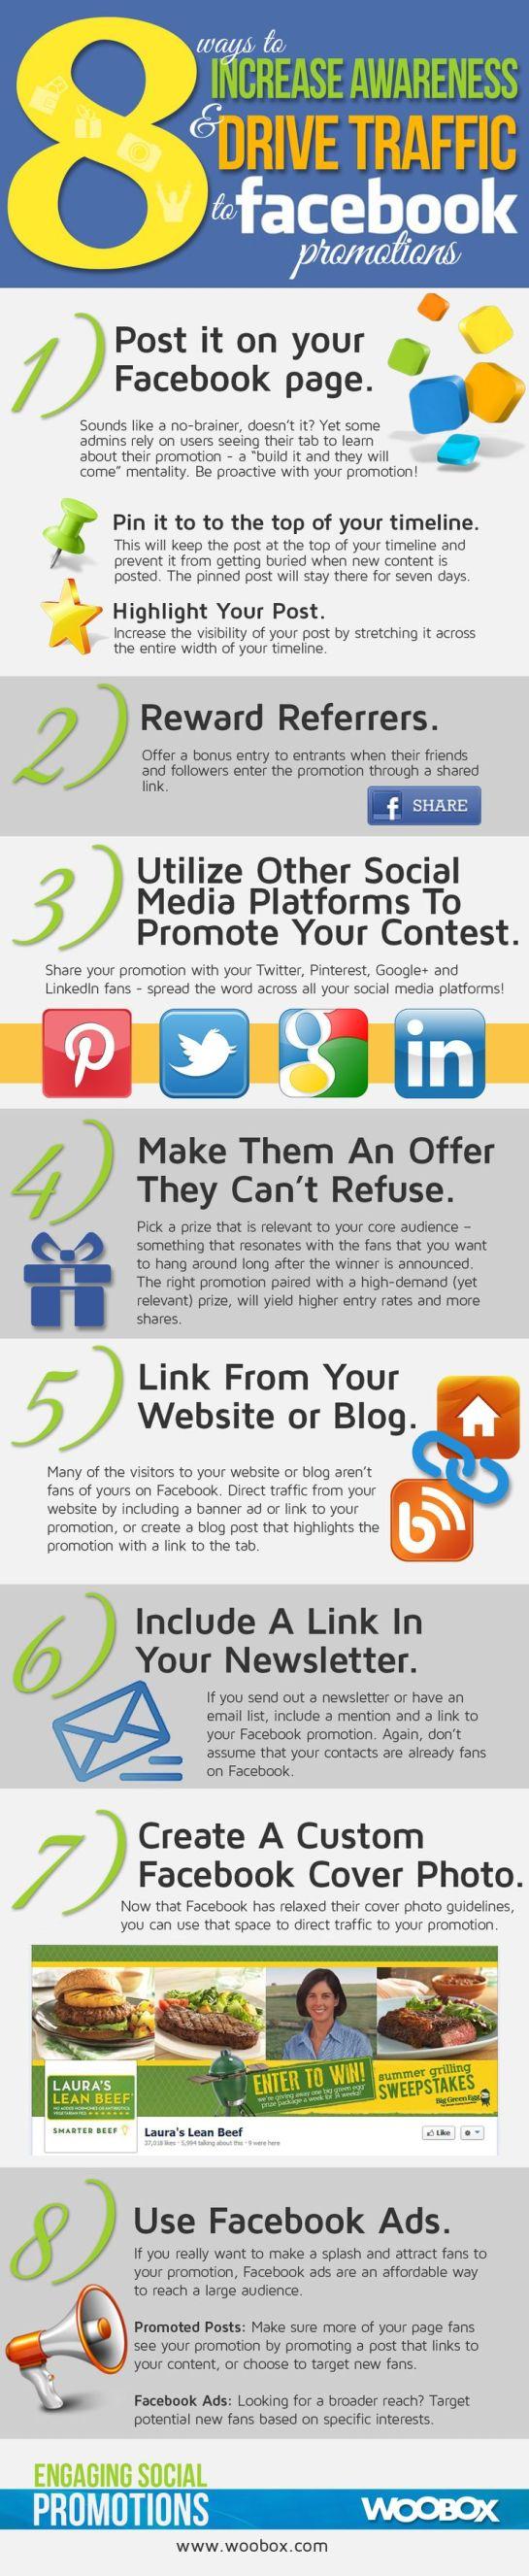 Logiciel de veille : Infographie SMO sur 8 étapes pour augmenter la visibilité d'une promotion sur Facebook